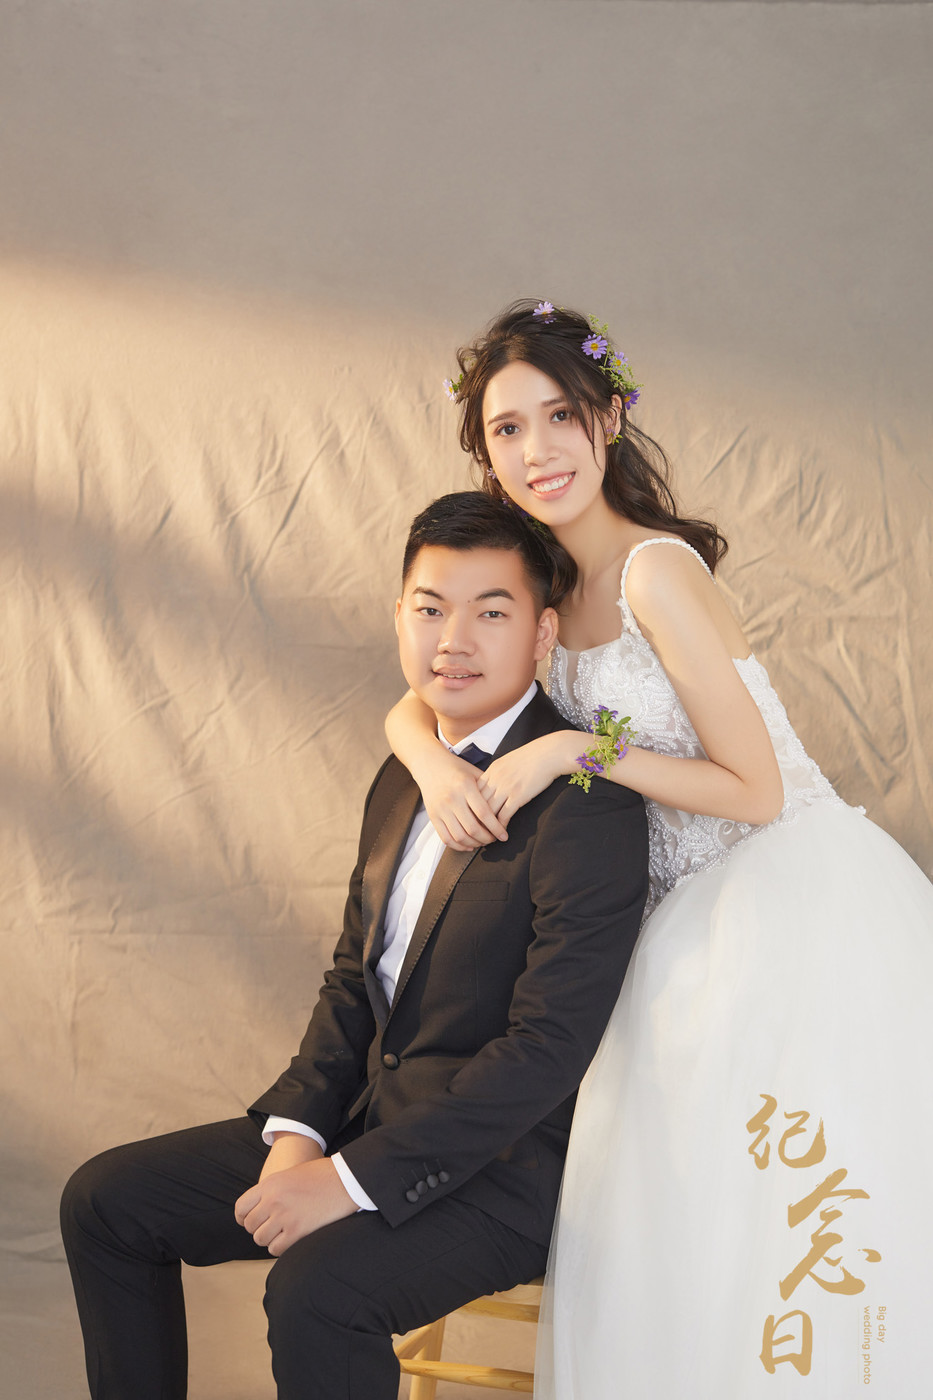 婚纱 | 嘉颖&靖怡8